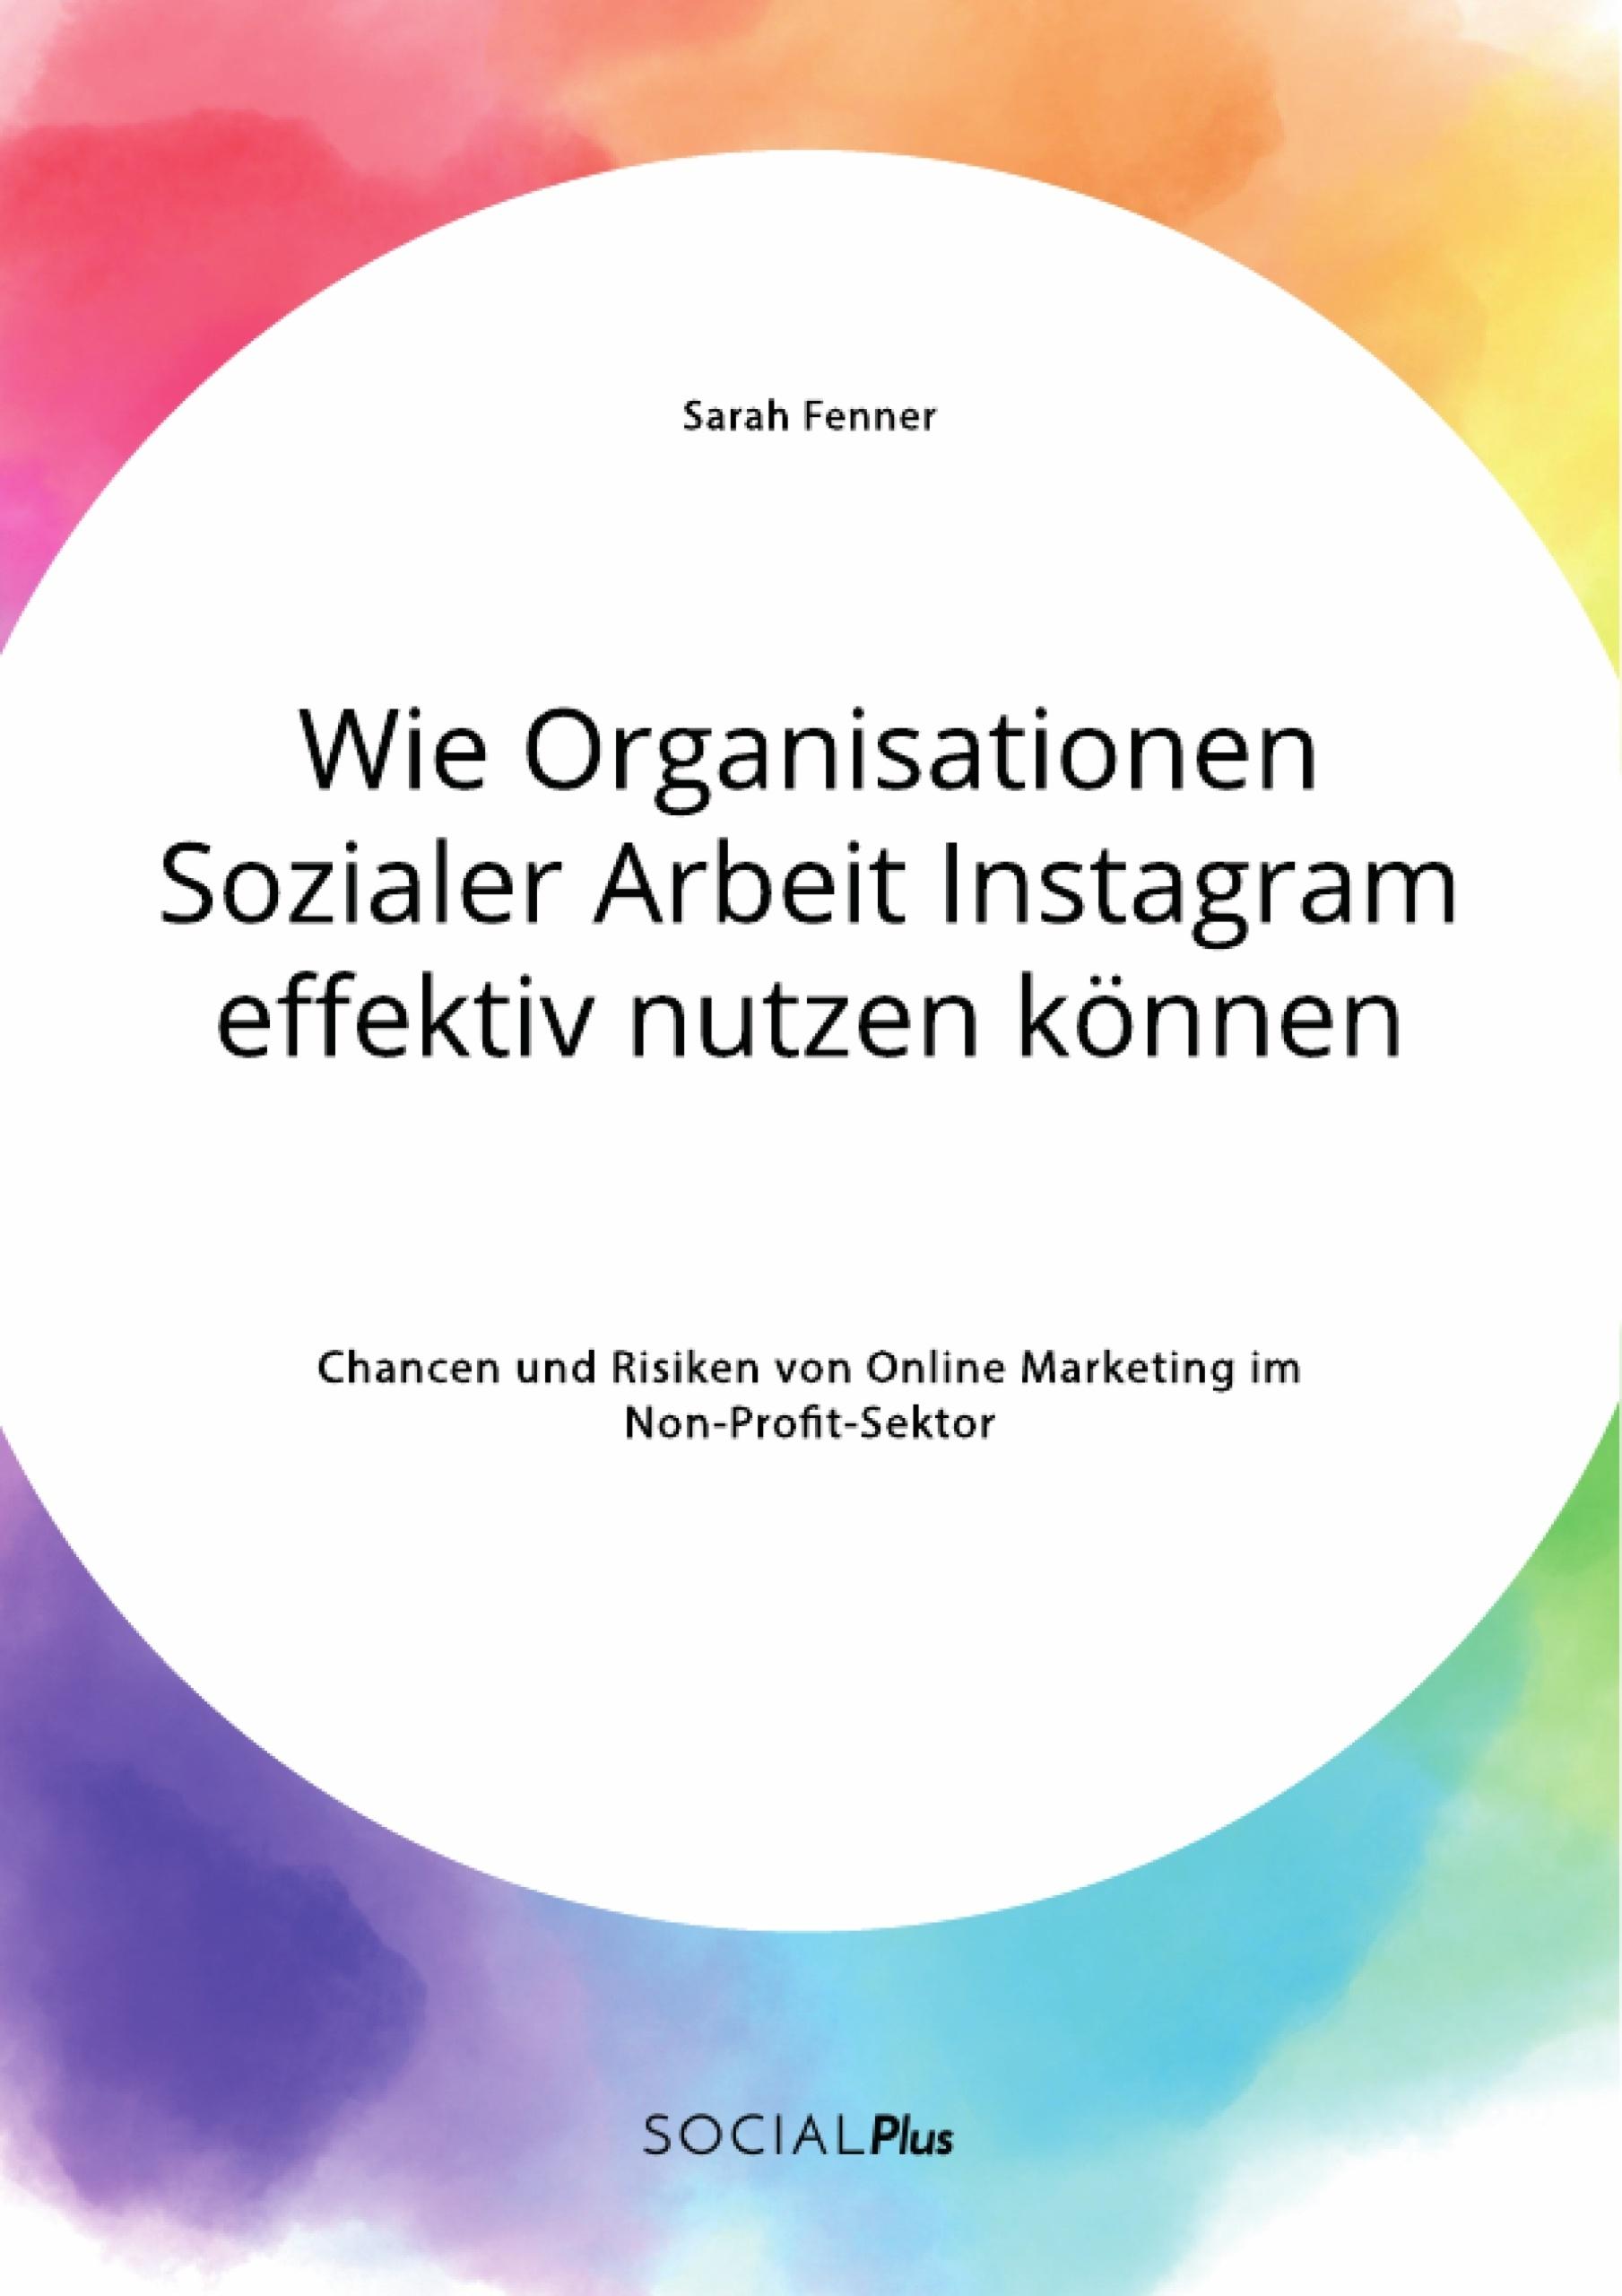 Titel: Wie Organisationen Sozialer Arbeit Instagram effektiv nutzen können. Chancen und Risiken von Online Marketing im Non-Profit-Sektor